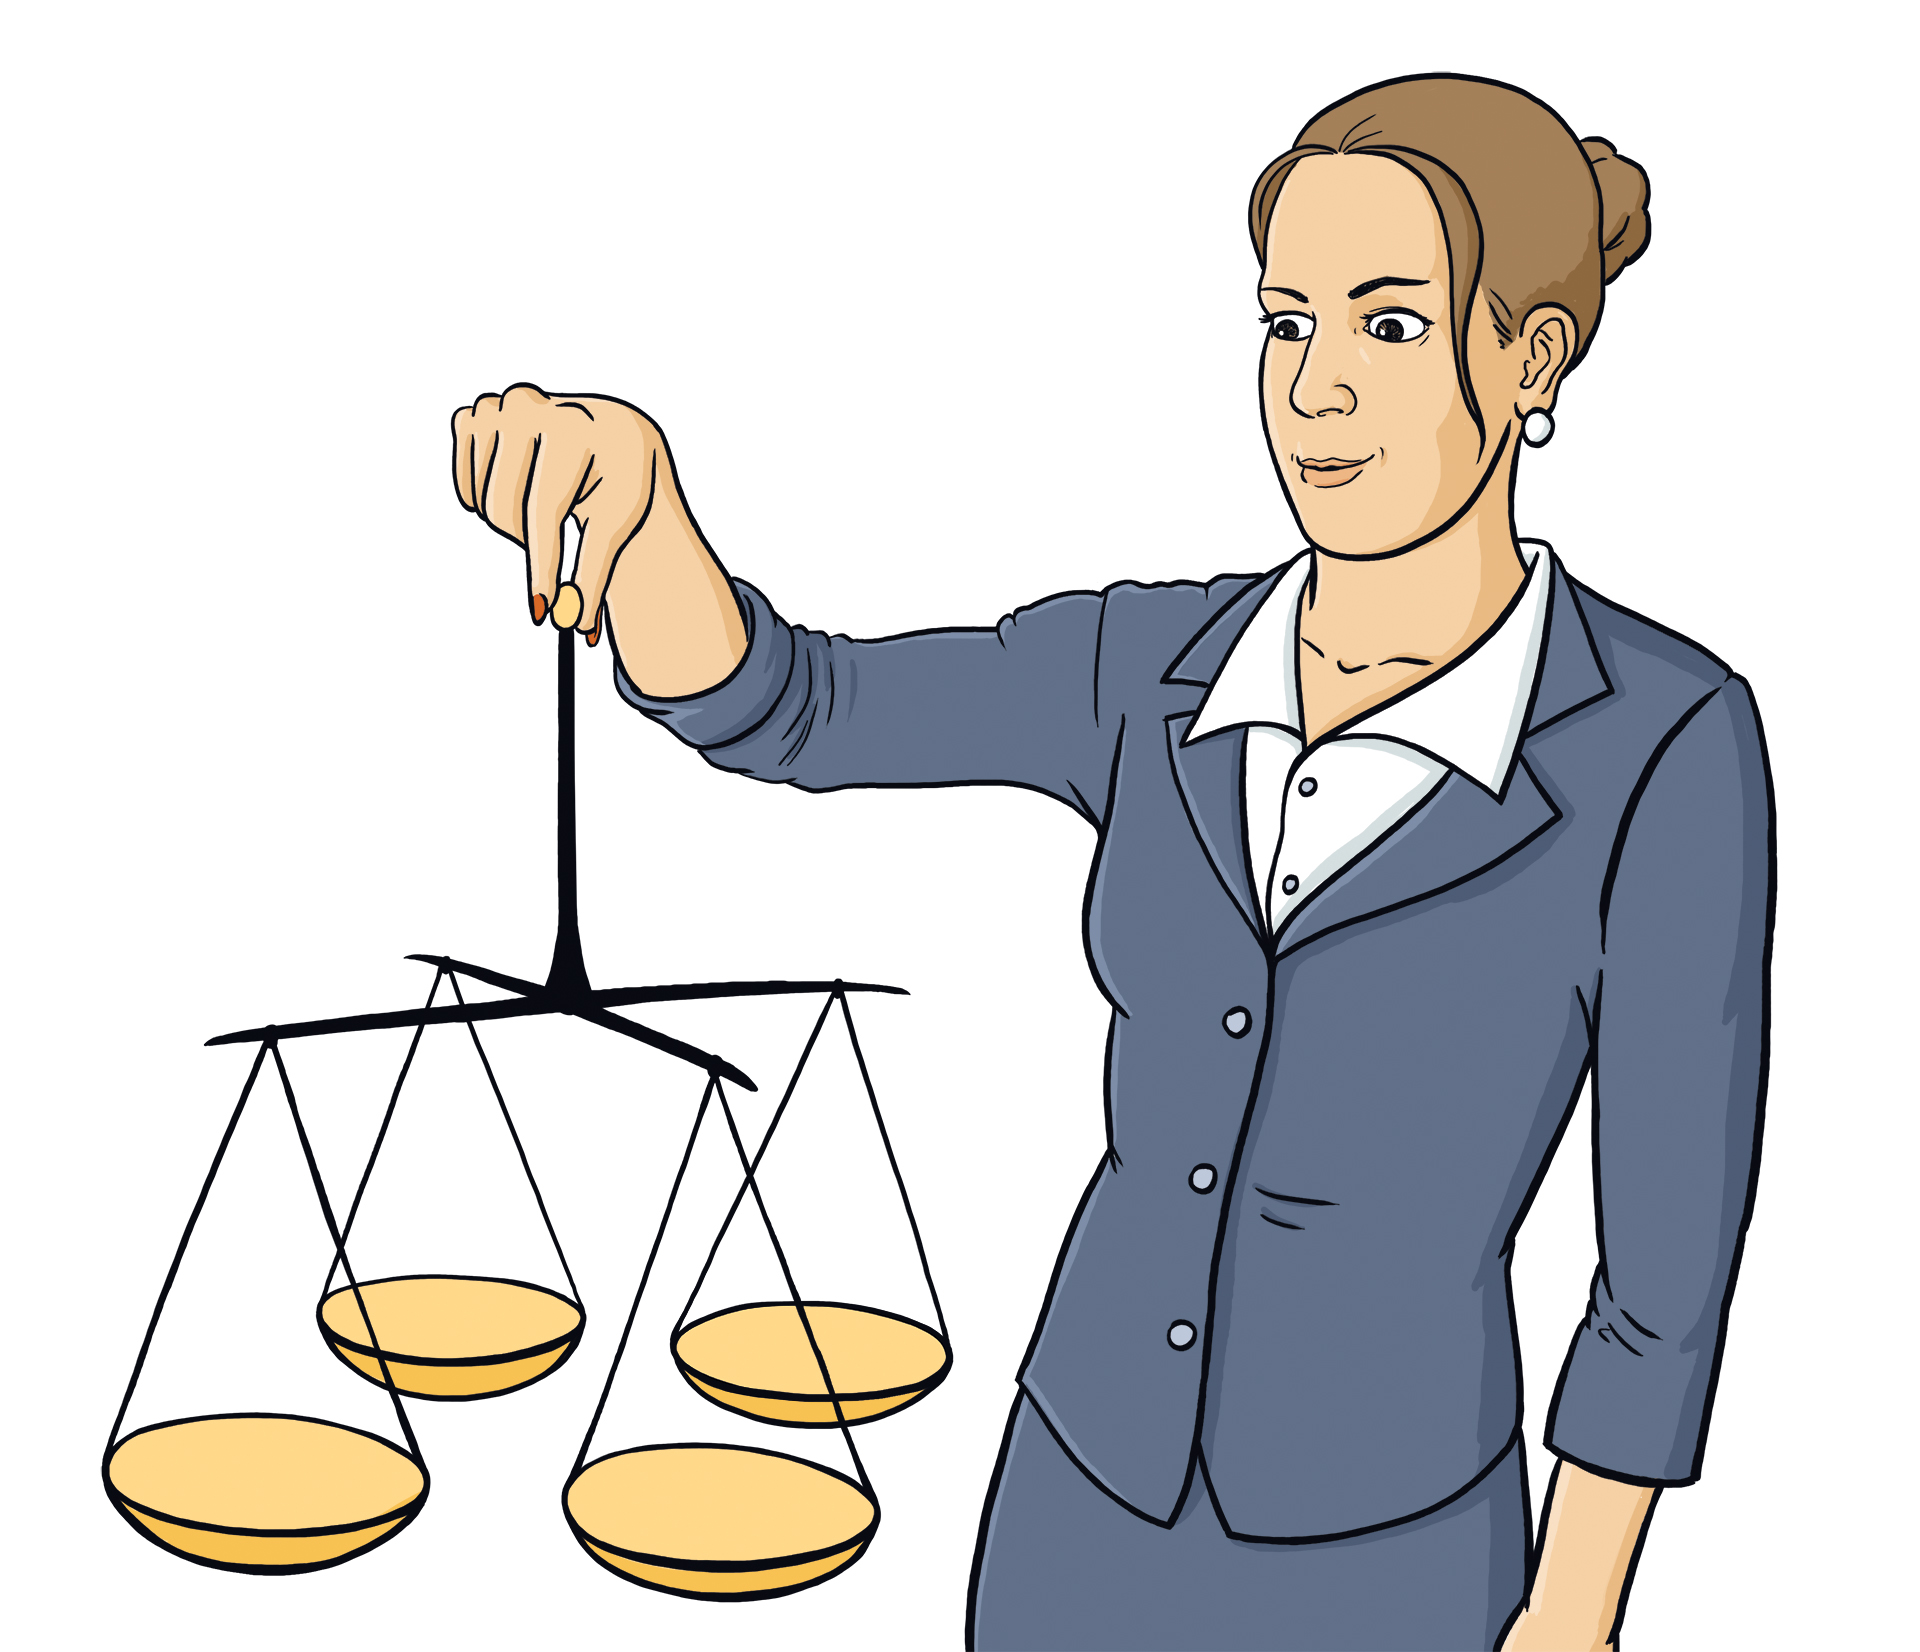 Ilustrace pro portál Vlastní poznání – buďte spravedliví